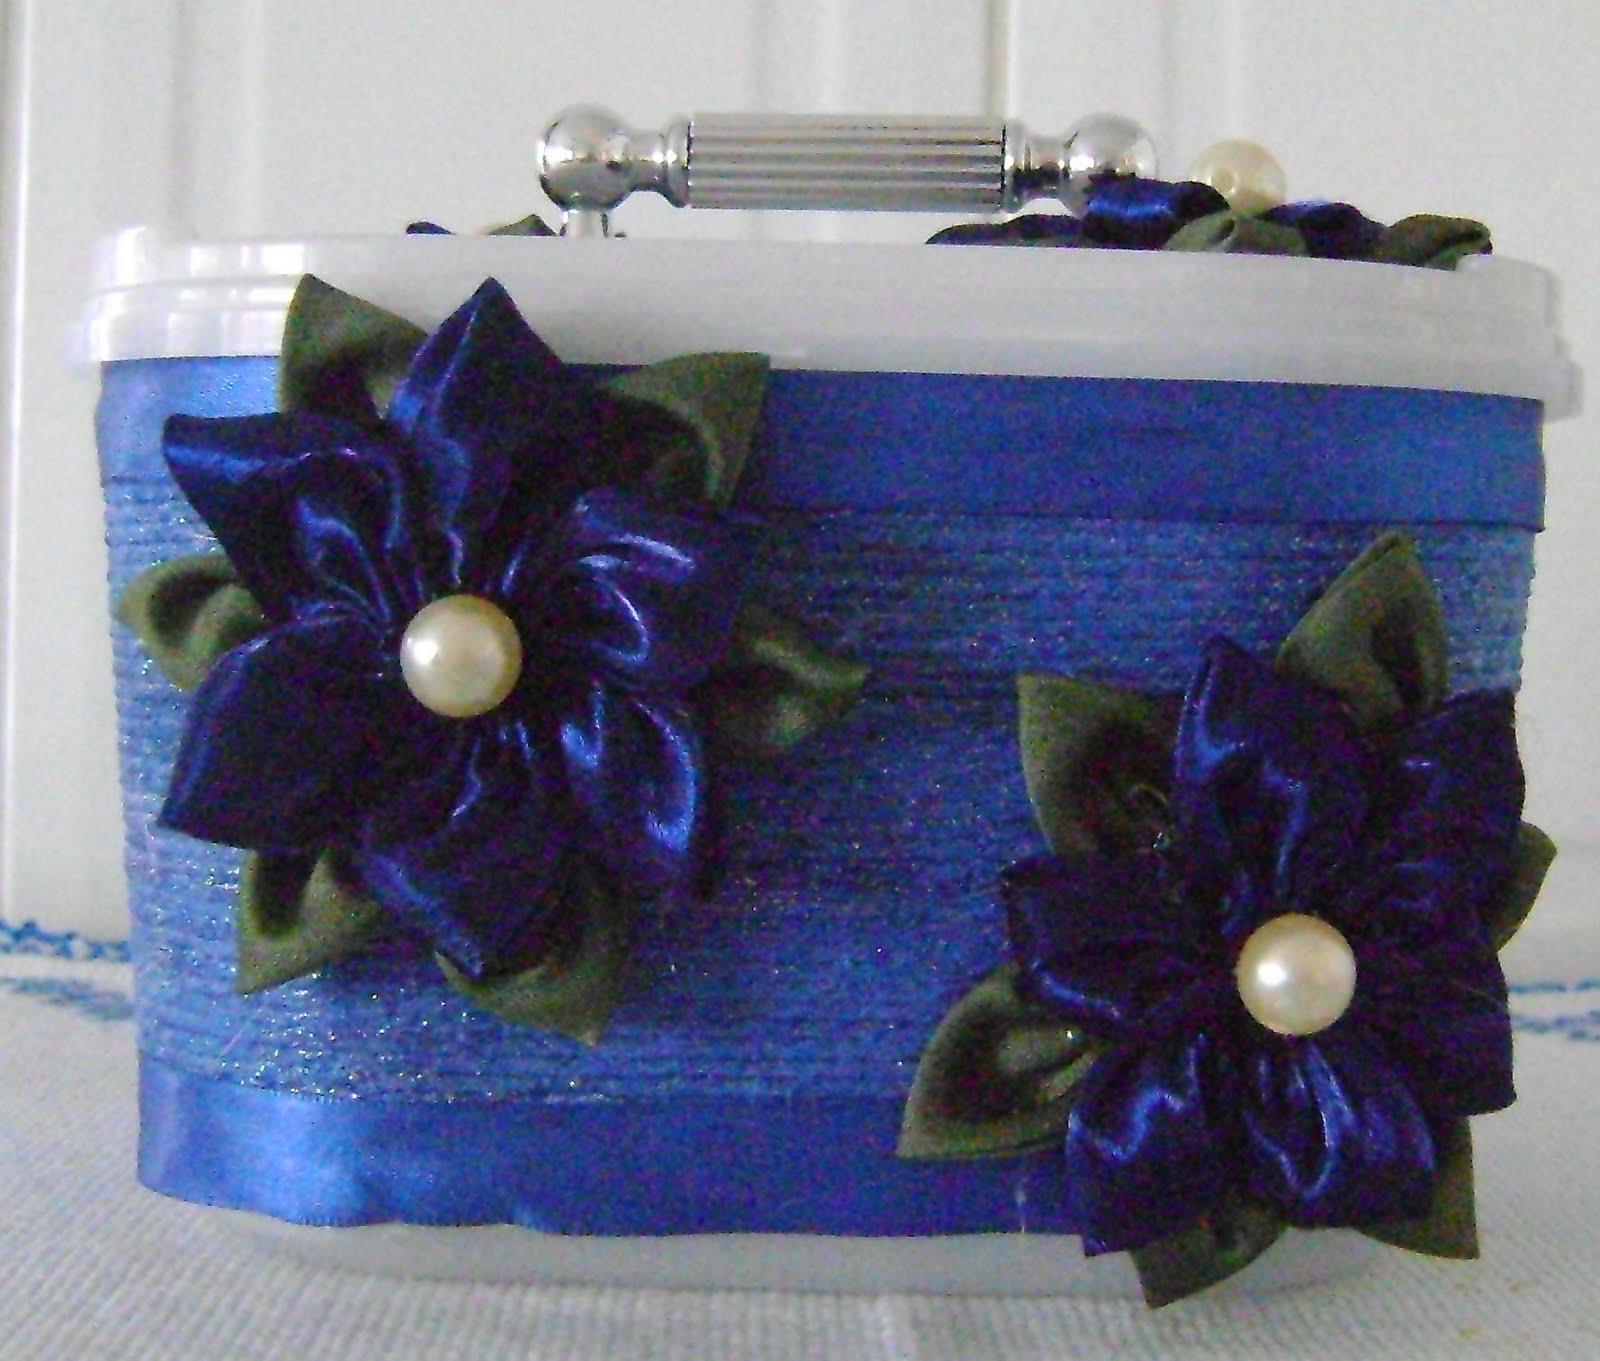 http://3.bp.blogspot.com/_UG3IfqLXa68/TBaXB6sTW0I/AAAAAAAAATc/4YtIwm8tpuI/s1600/artesanatos+1+046.jpg